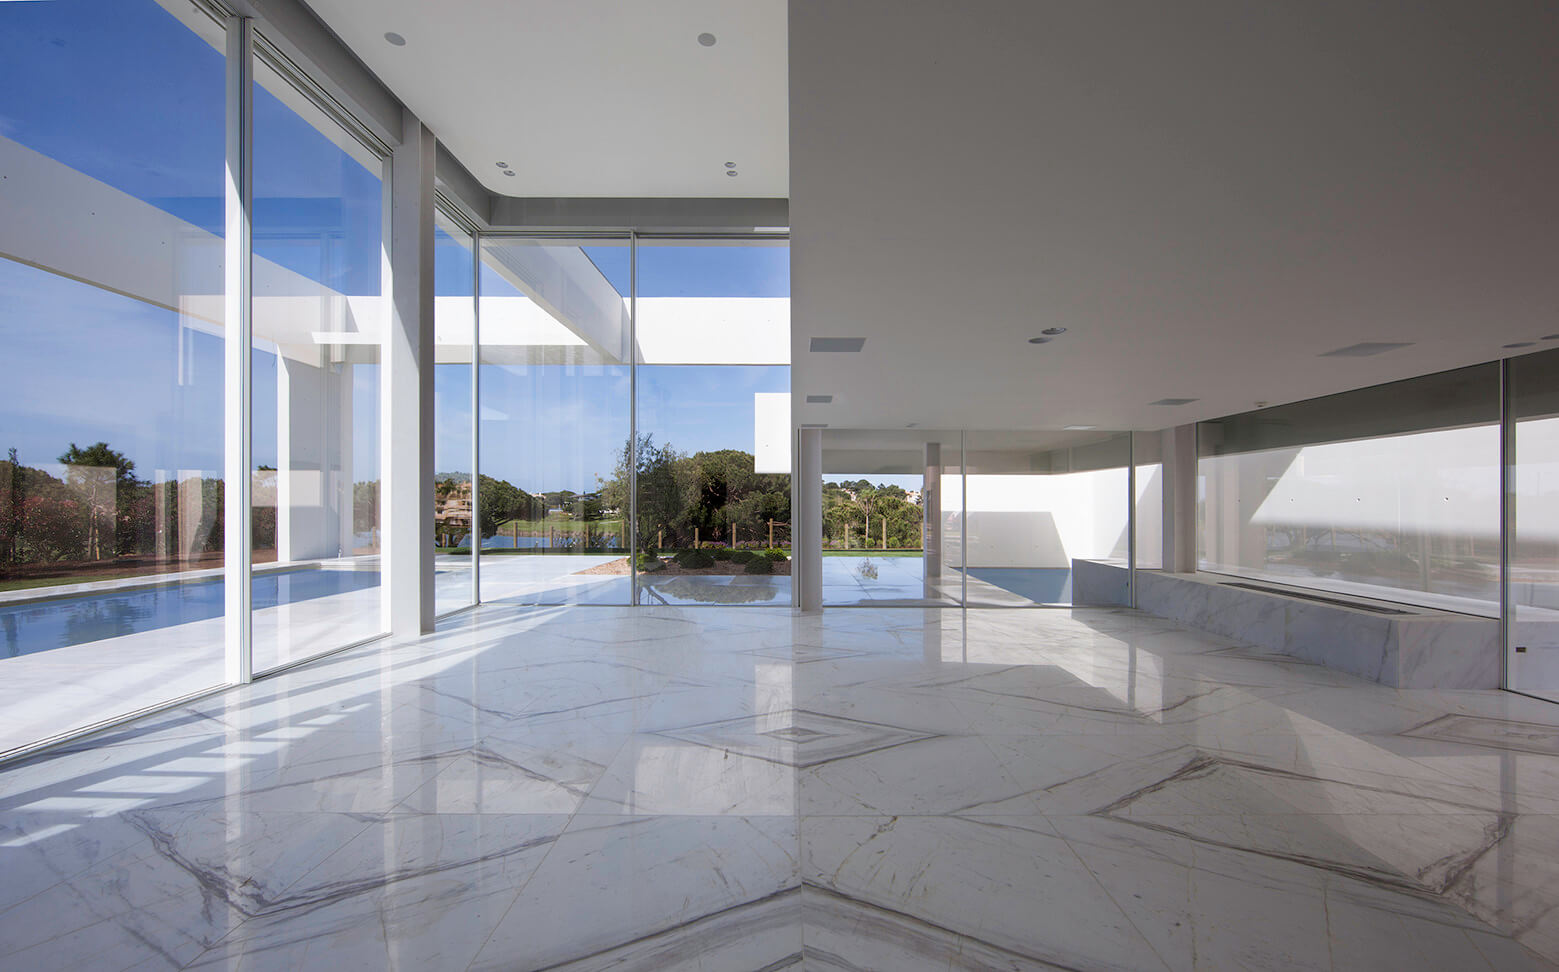 House in quinta do lago building views - Atelier arquitectura ...